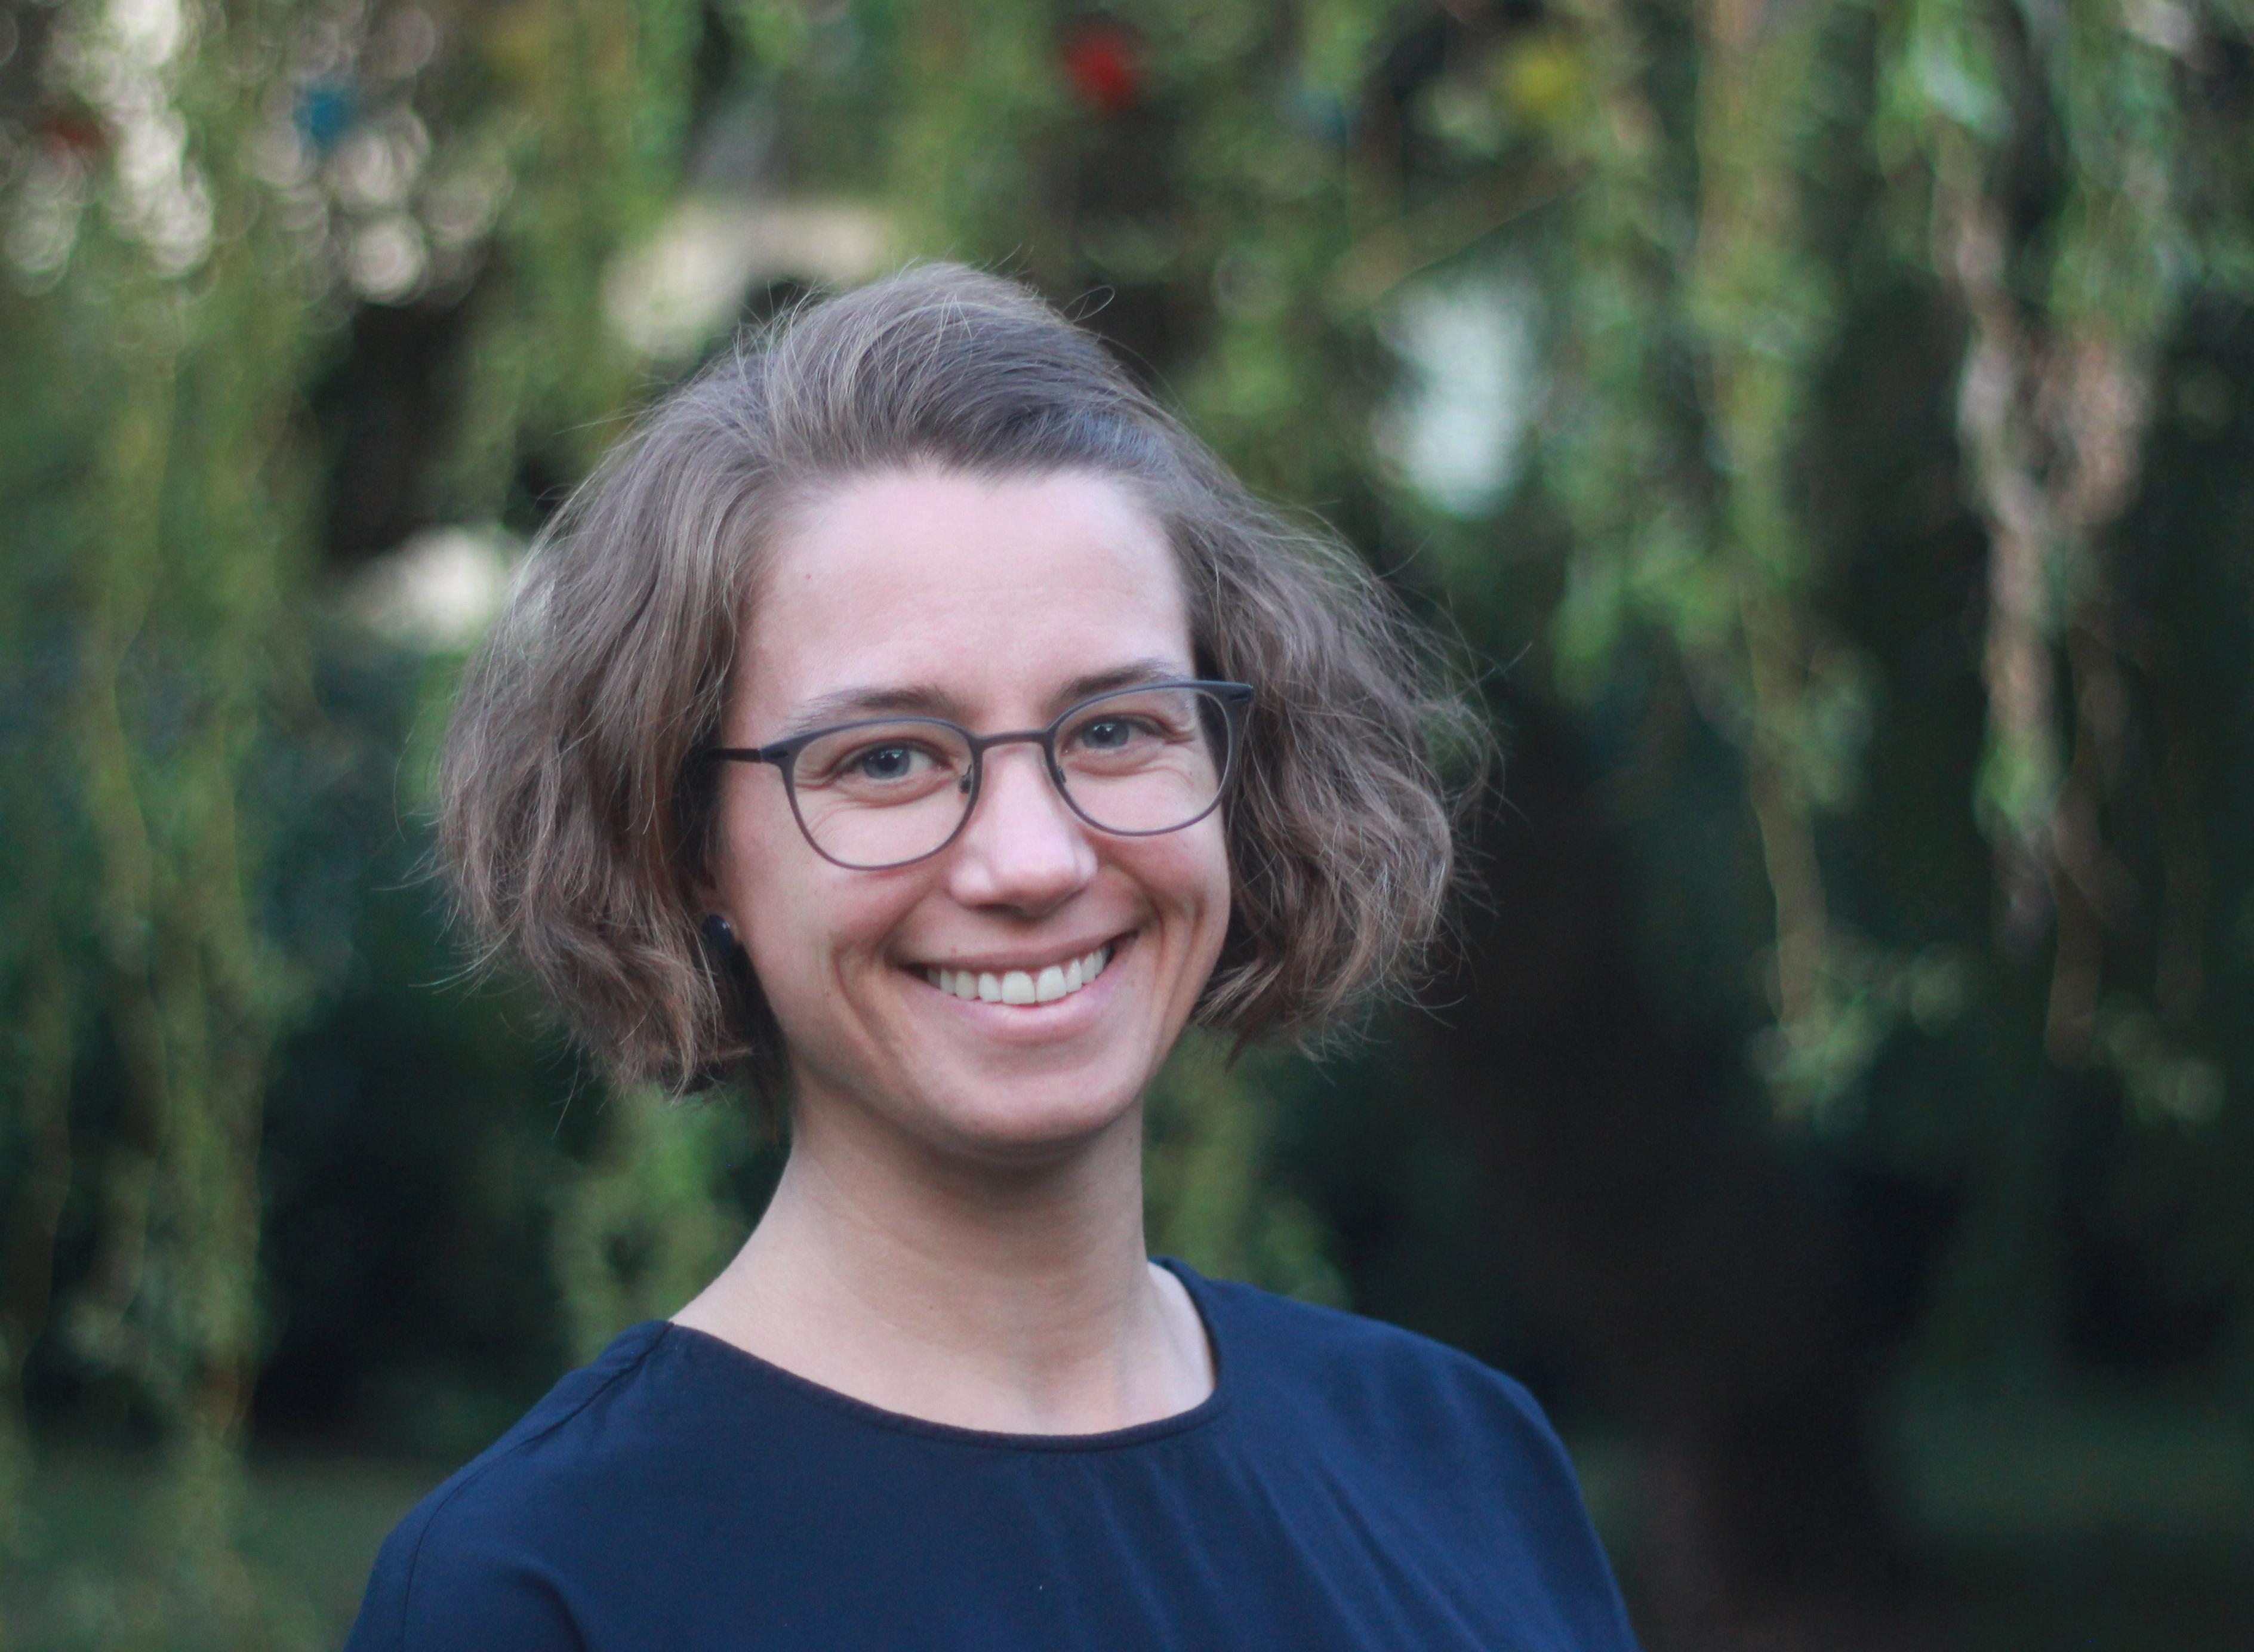 Prof. Dr. Jeanette Klemmer